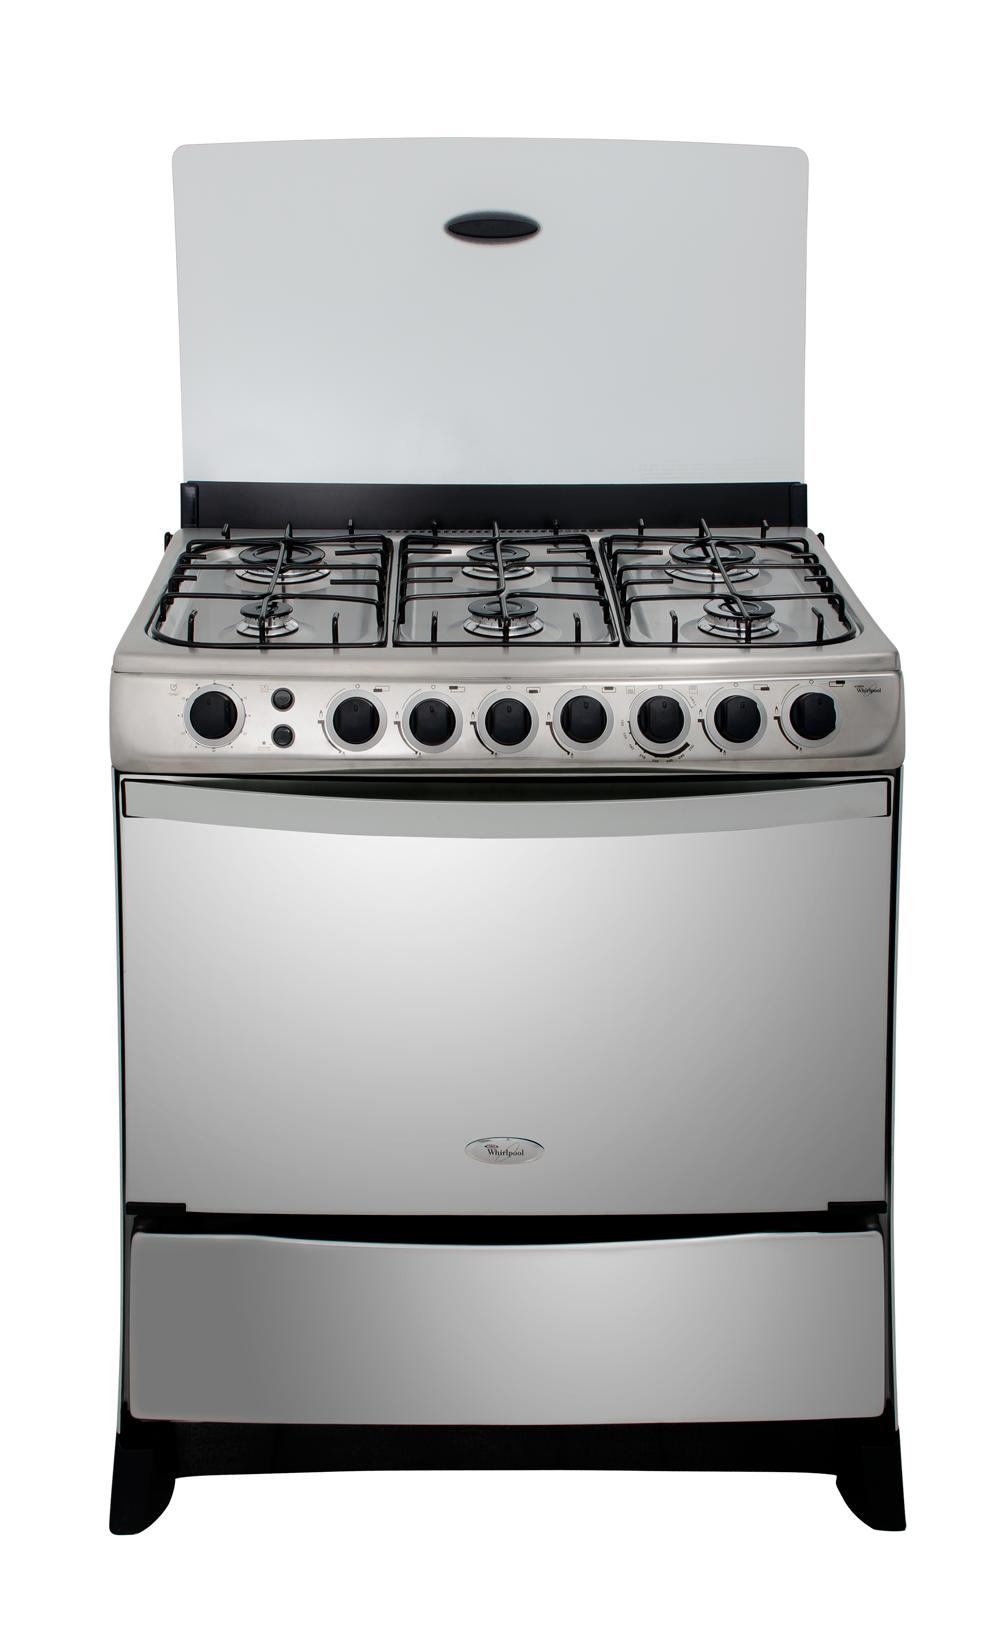 Whirlpool per cocinas 6 quemadores - Cocinas a gas natural ...